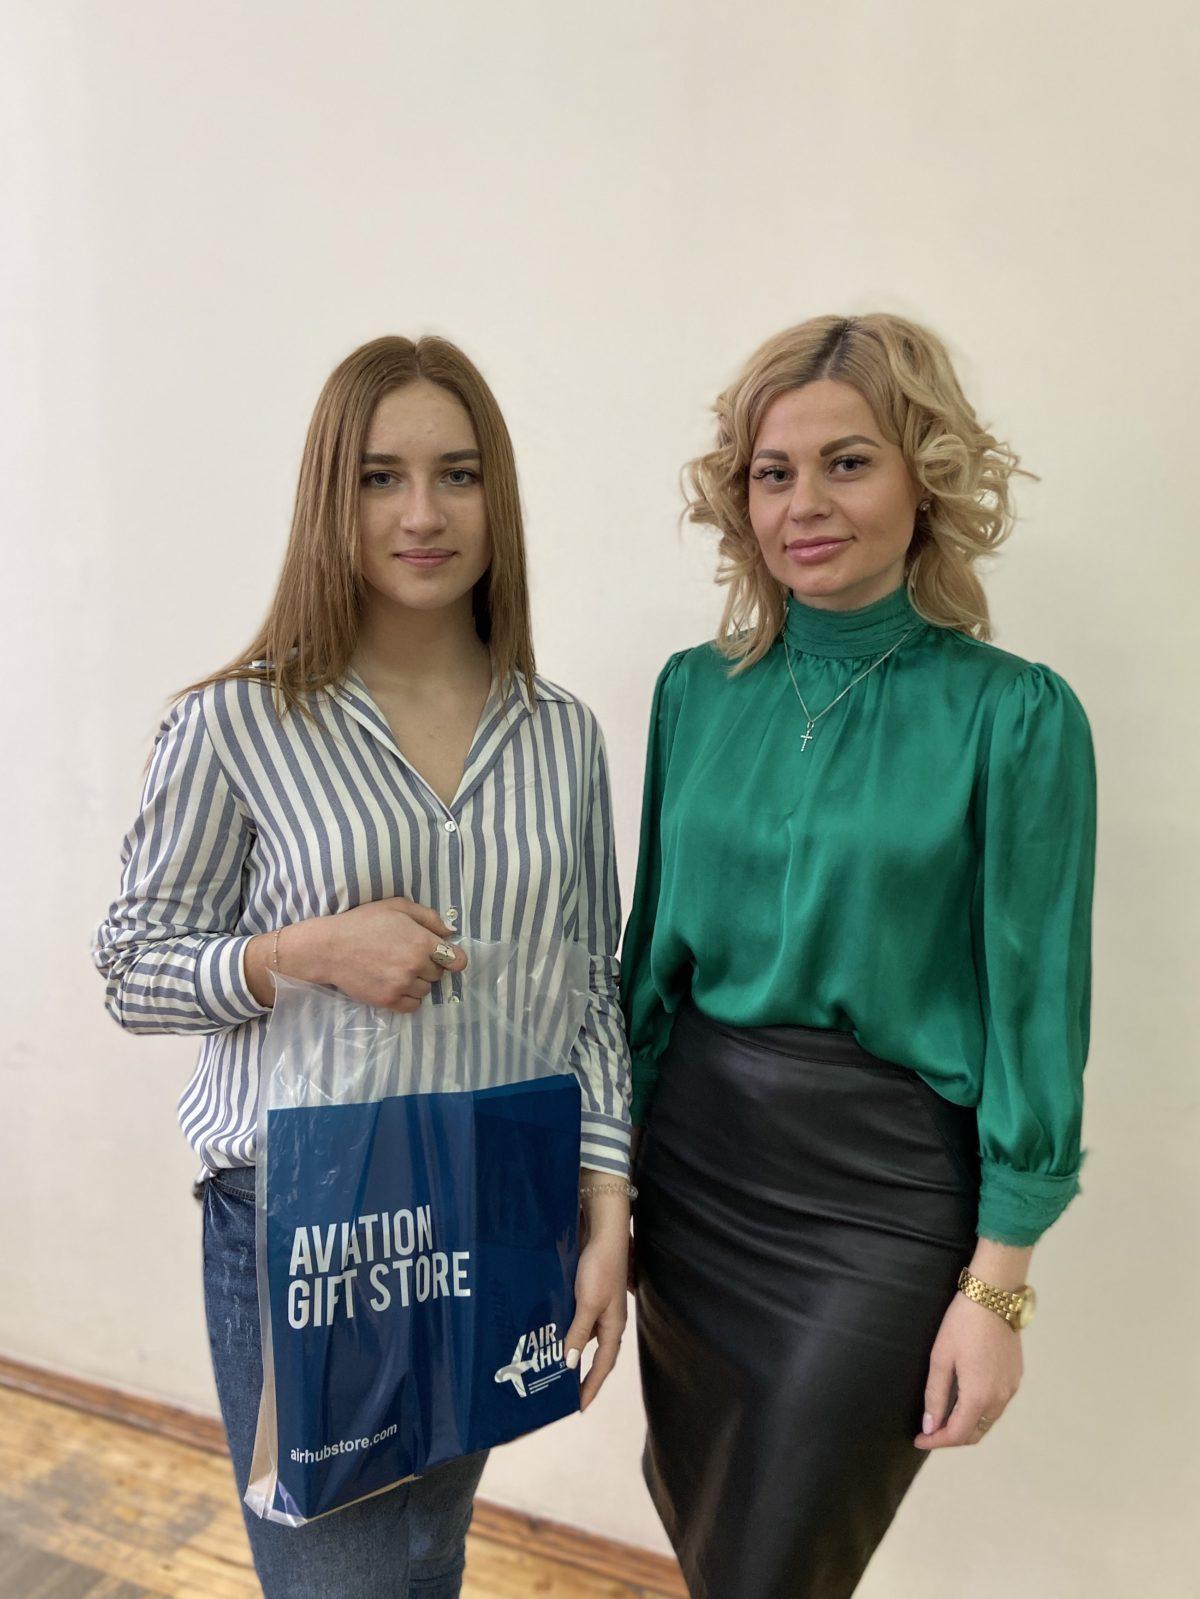 Відбулося нагородження переможців конкурсу на офіційній сторінці ФМВ в Інстаграм